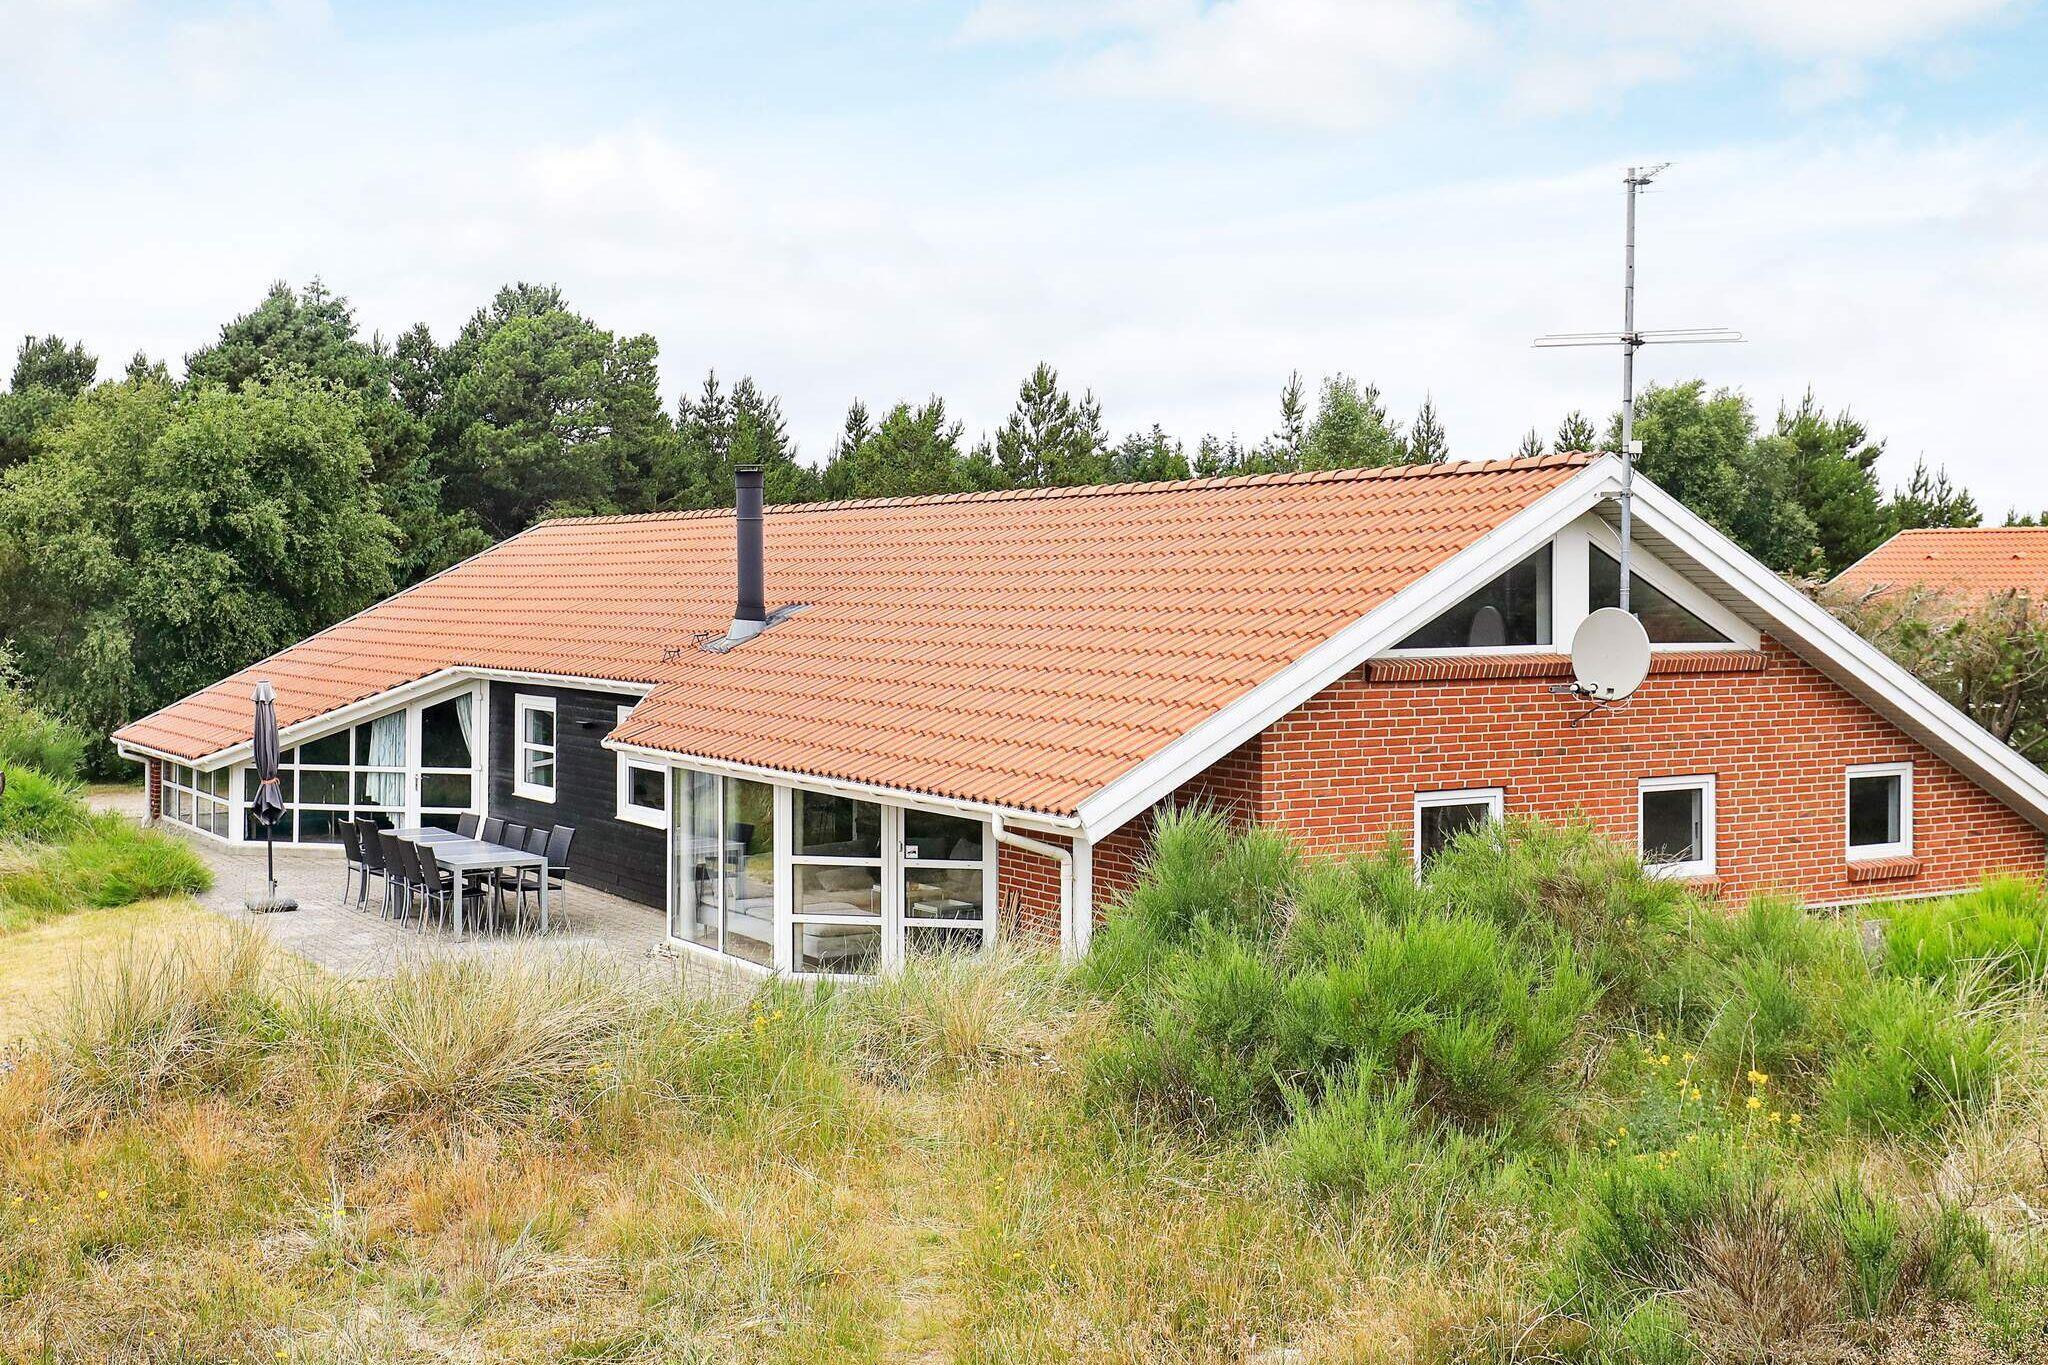 Ferienhaus in Blavand für 12 Personen